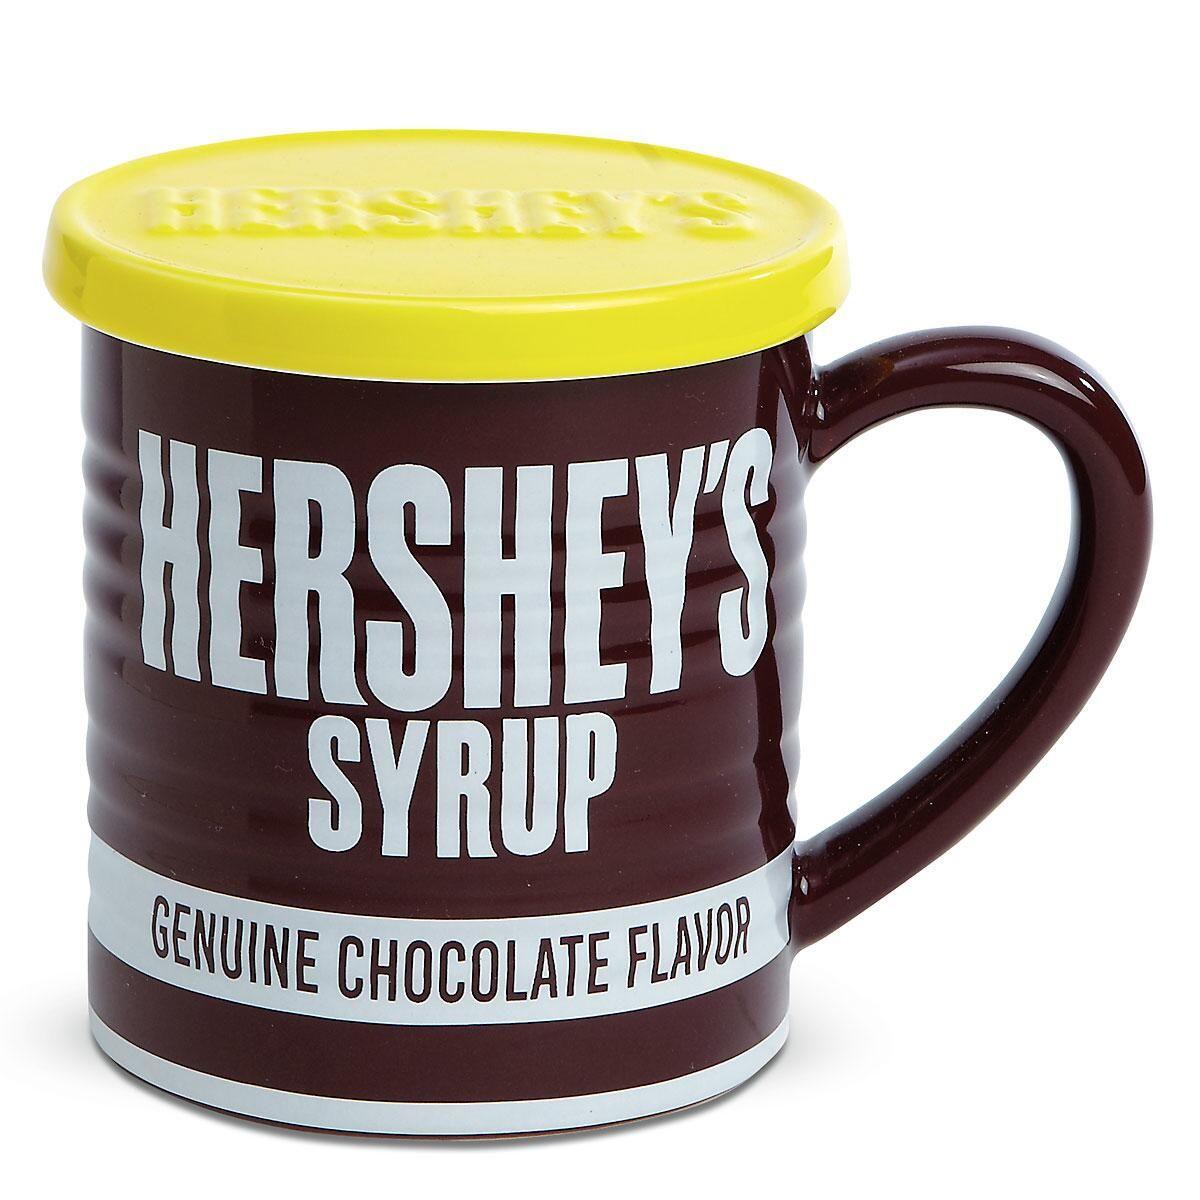 Hershey S Syrup Novelty Mug Colorful Images